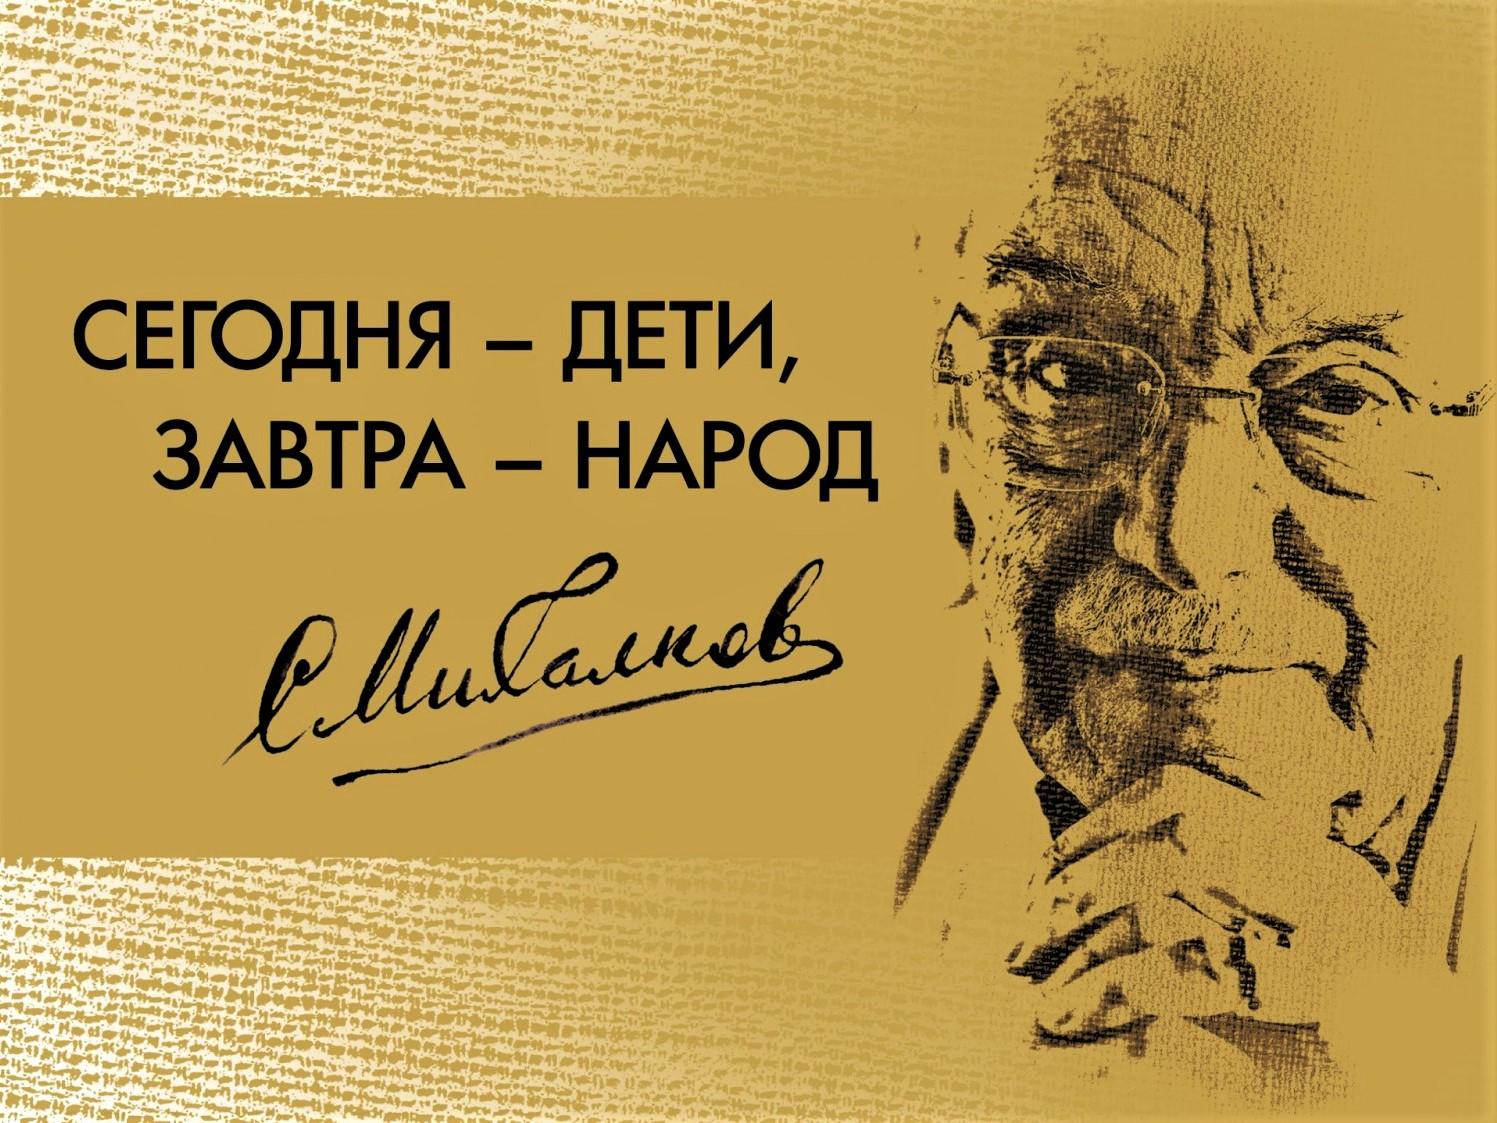 Книги-лауреаты Международного конкурса имени Сергея Михалкова